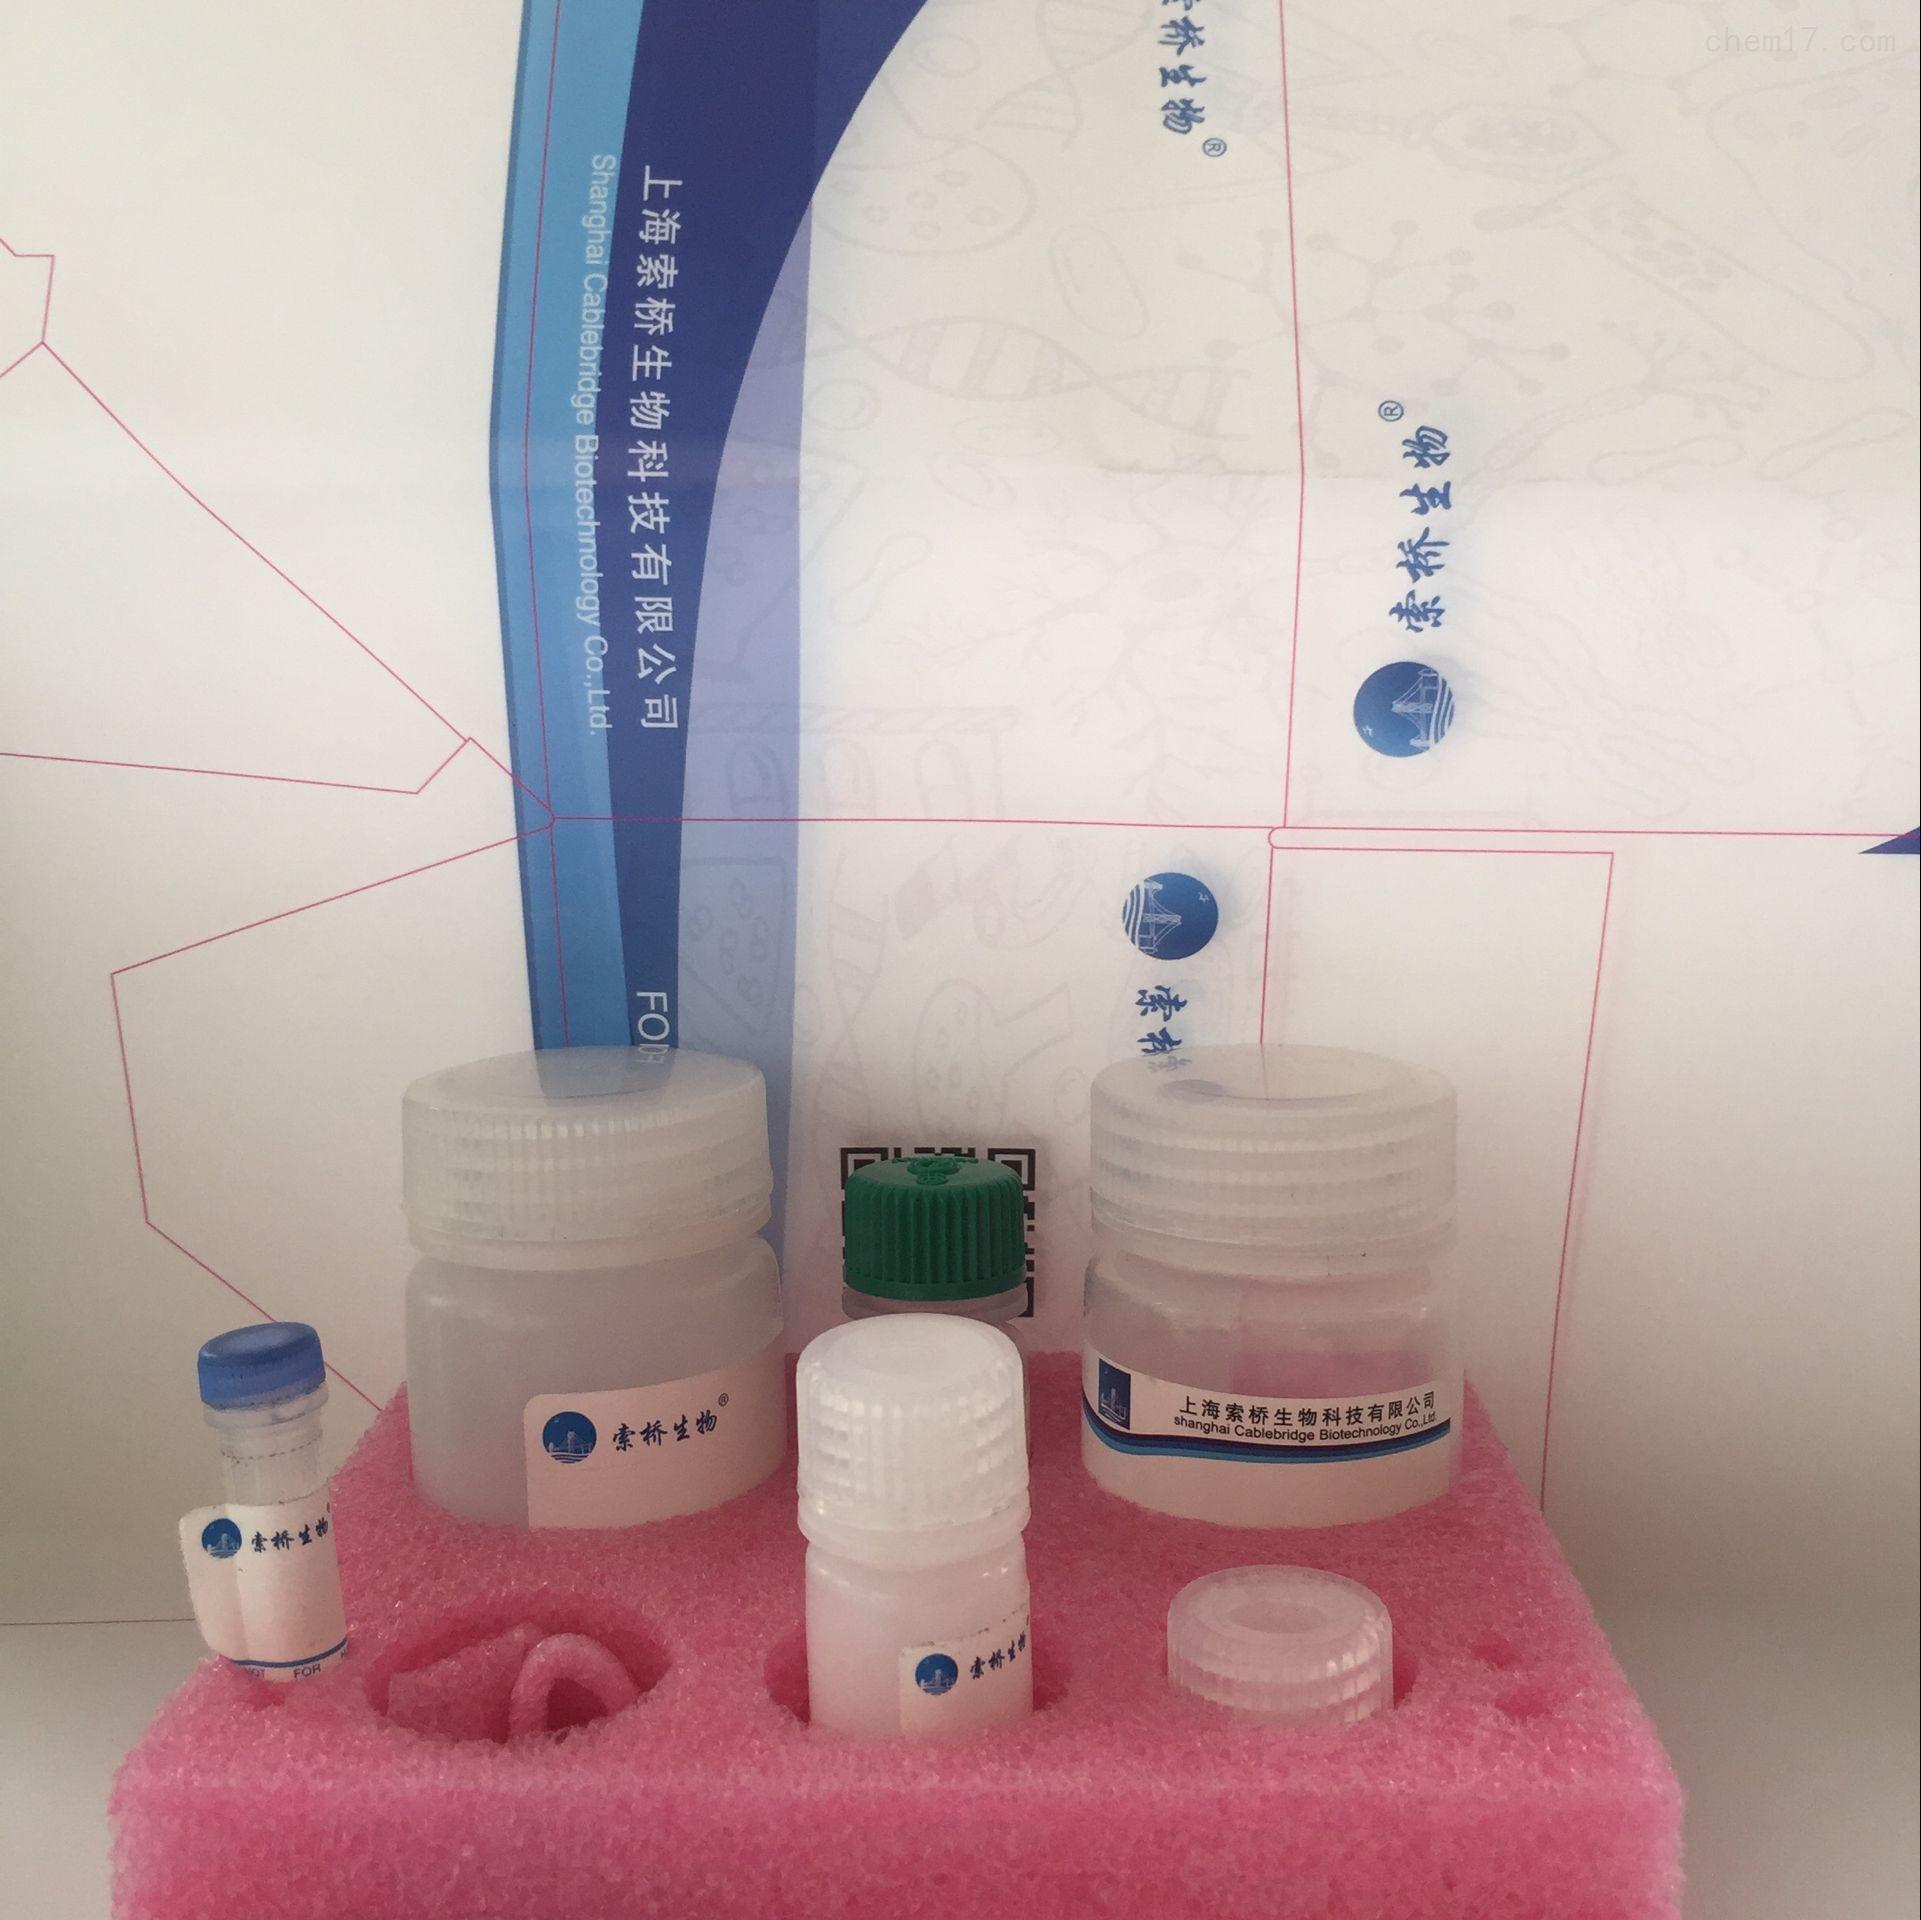 中性转化酶(NI)测试盒